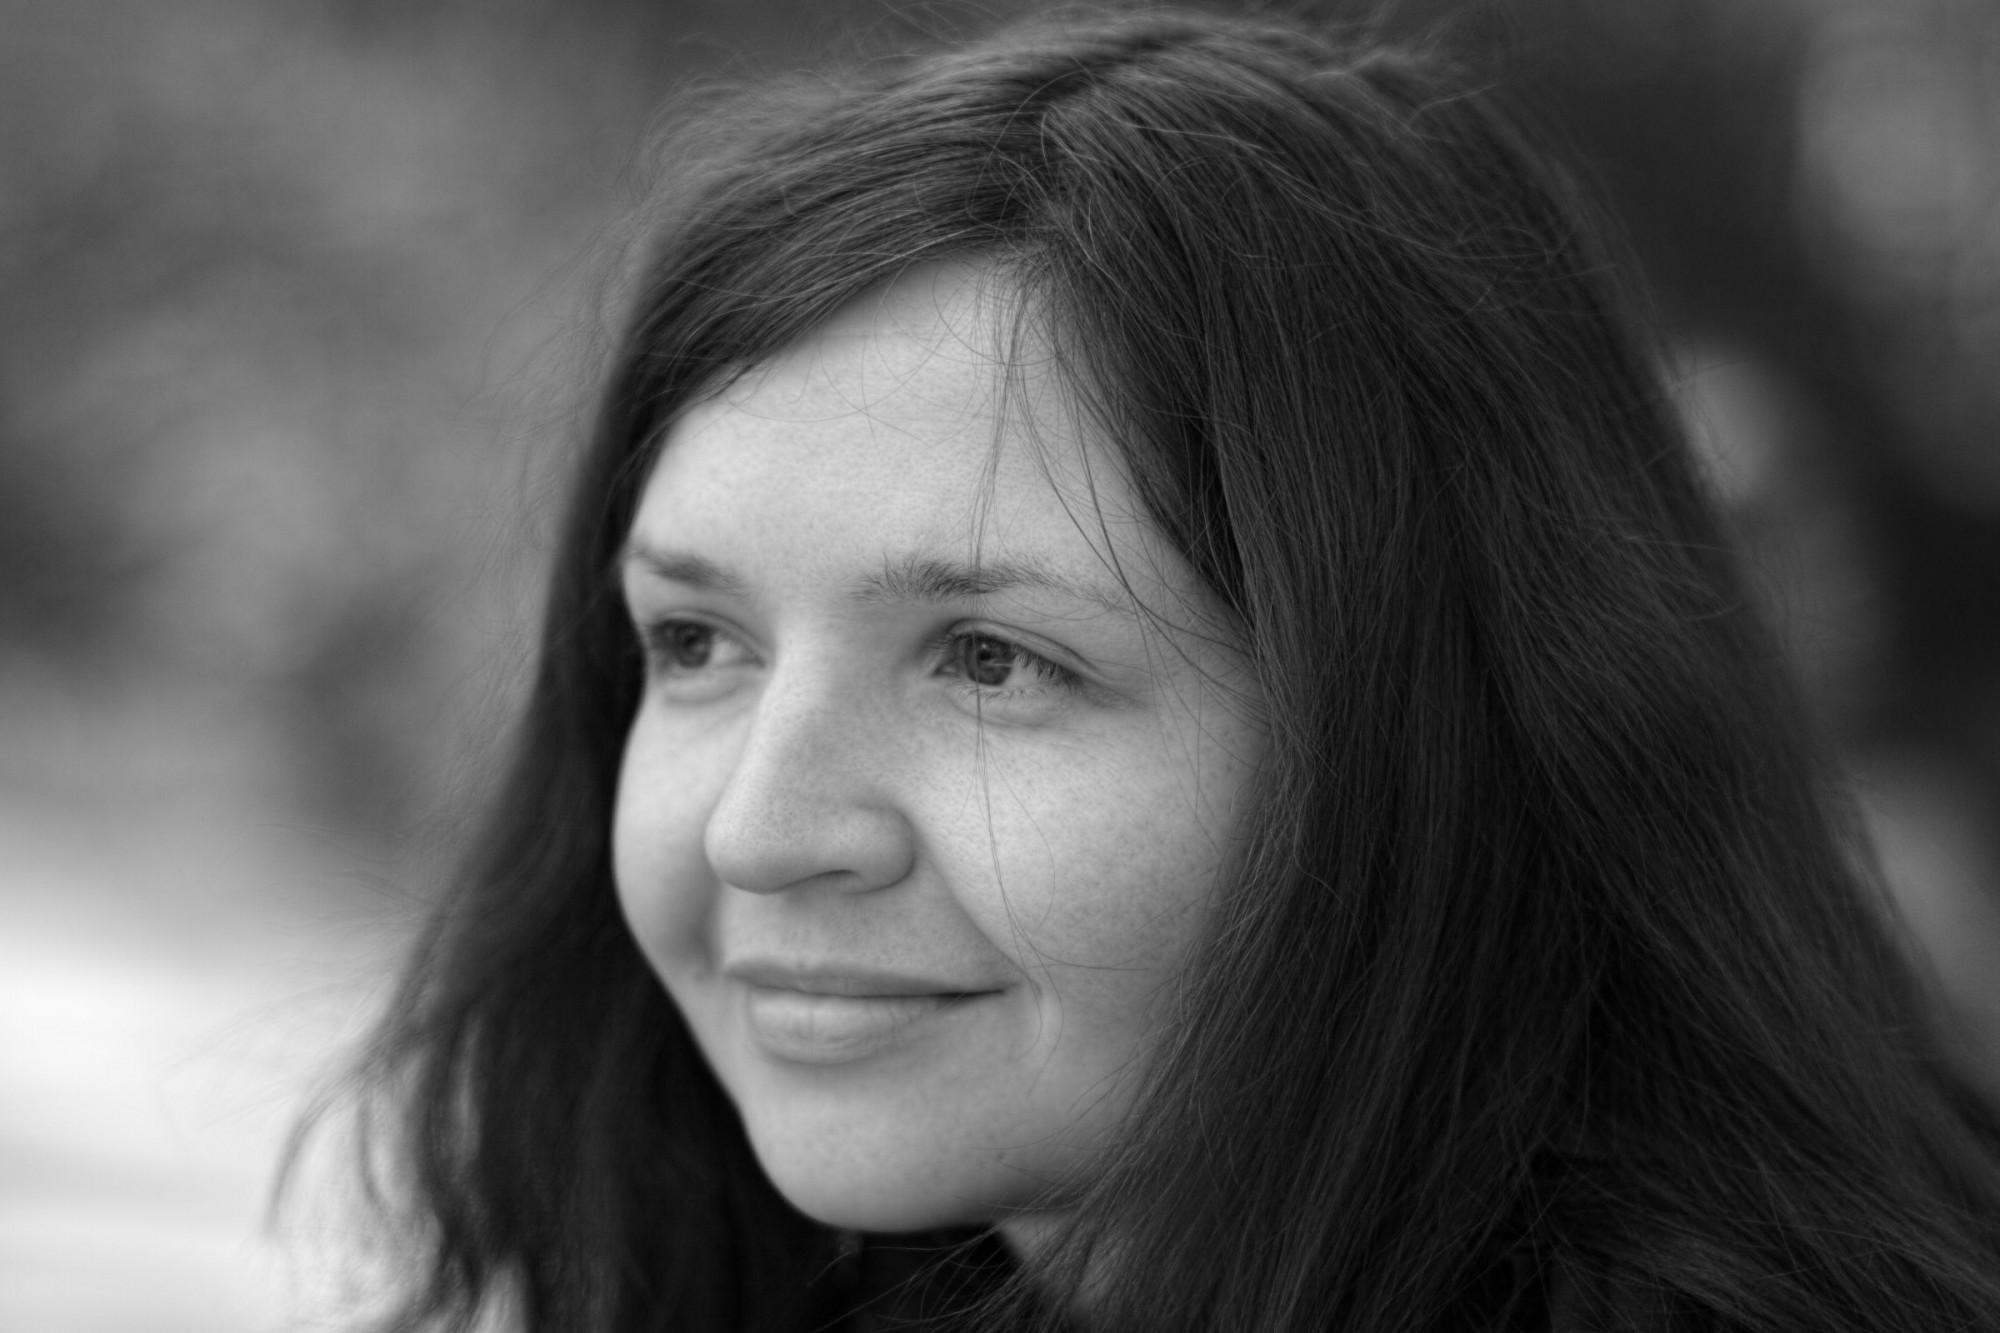 Piejūras pilsētu literārajā akadēmijā viesosies rakstniece Lilija Berzinska